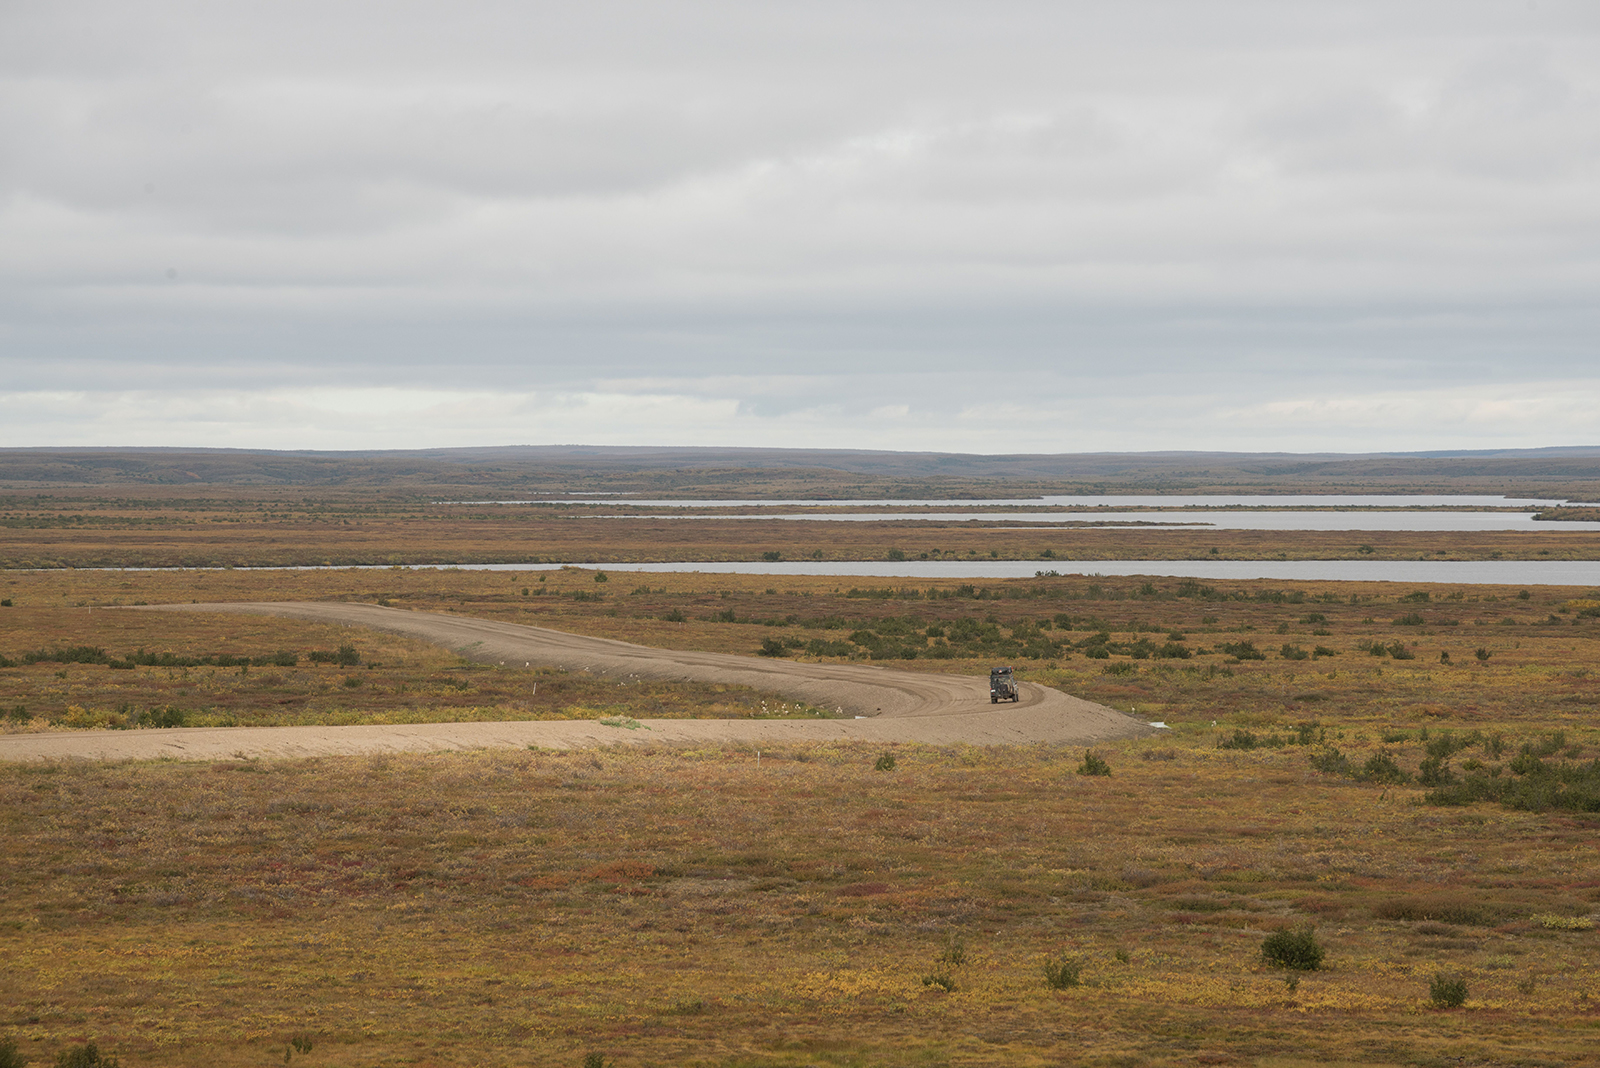 Mackenzie Valley Highway and tundra